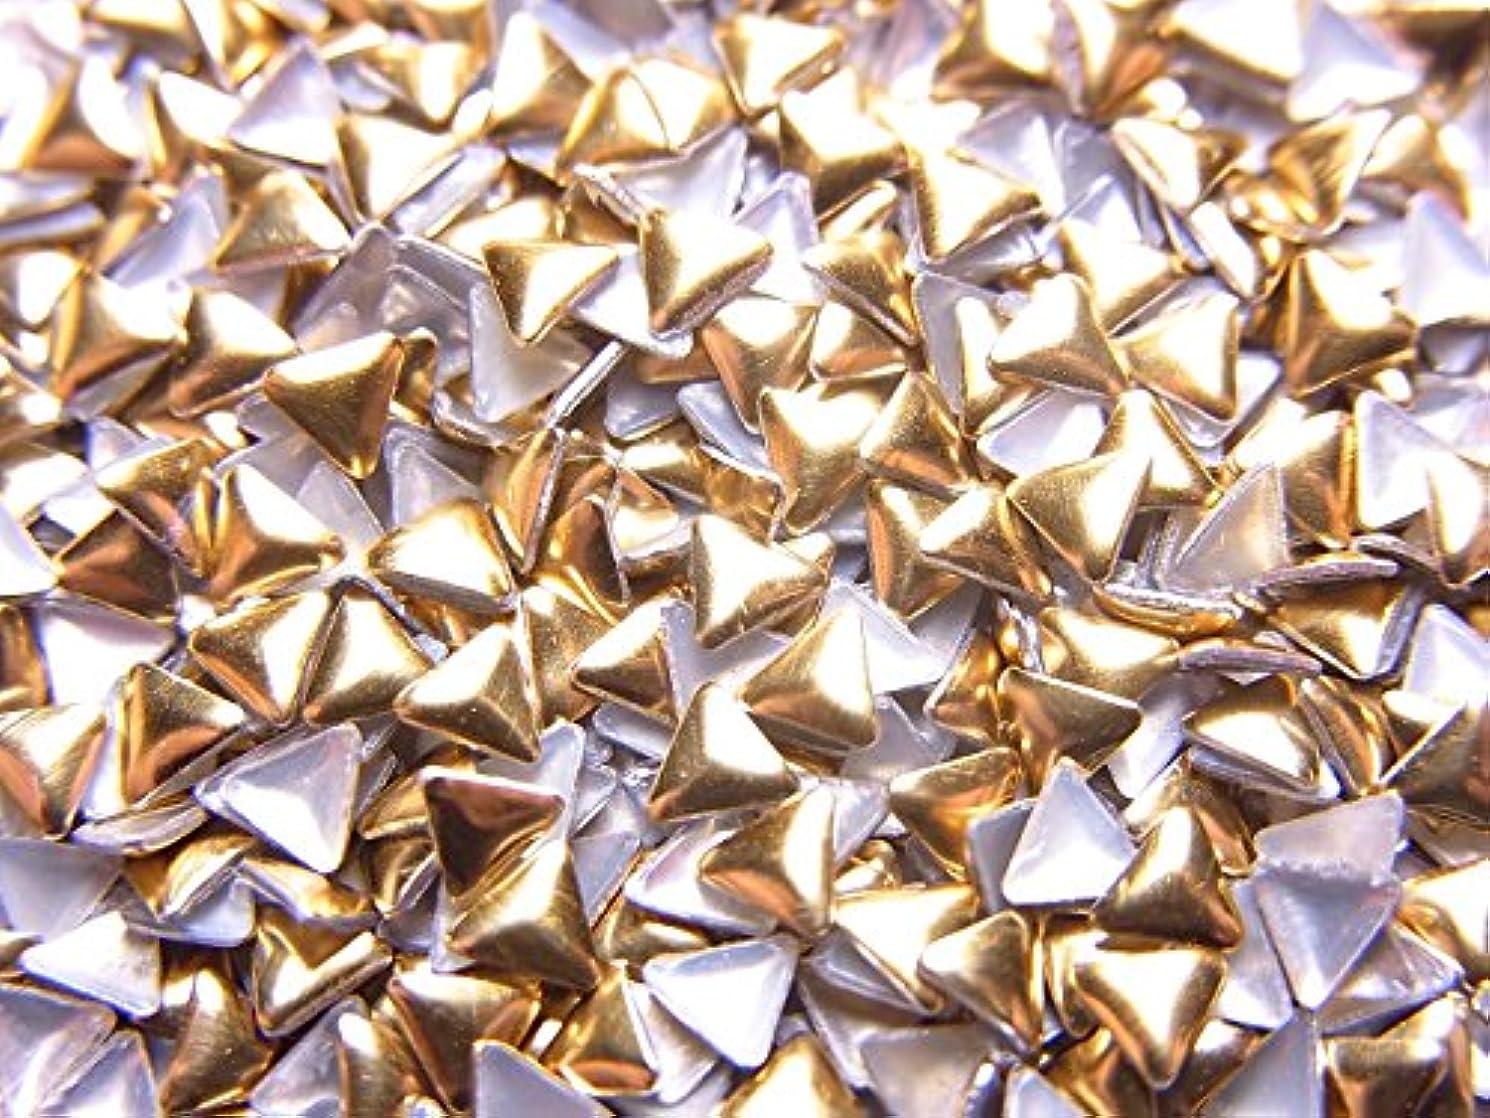 ファイターオン海【jewel】メタルスタッズ 多種類 ゴールドorシルバー 各サイズ 選択可能 (三角形(トライアングル) 3mm, ゴールド)